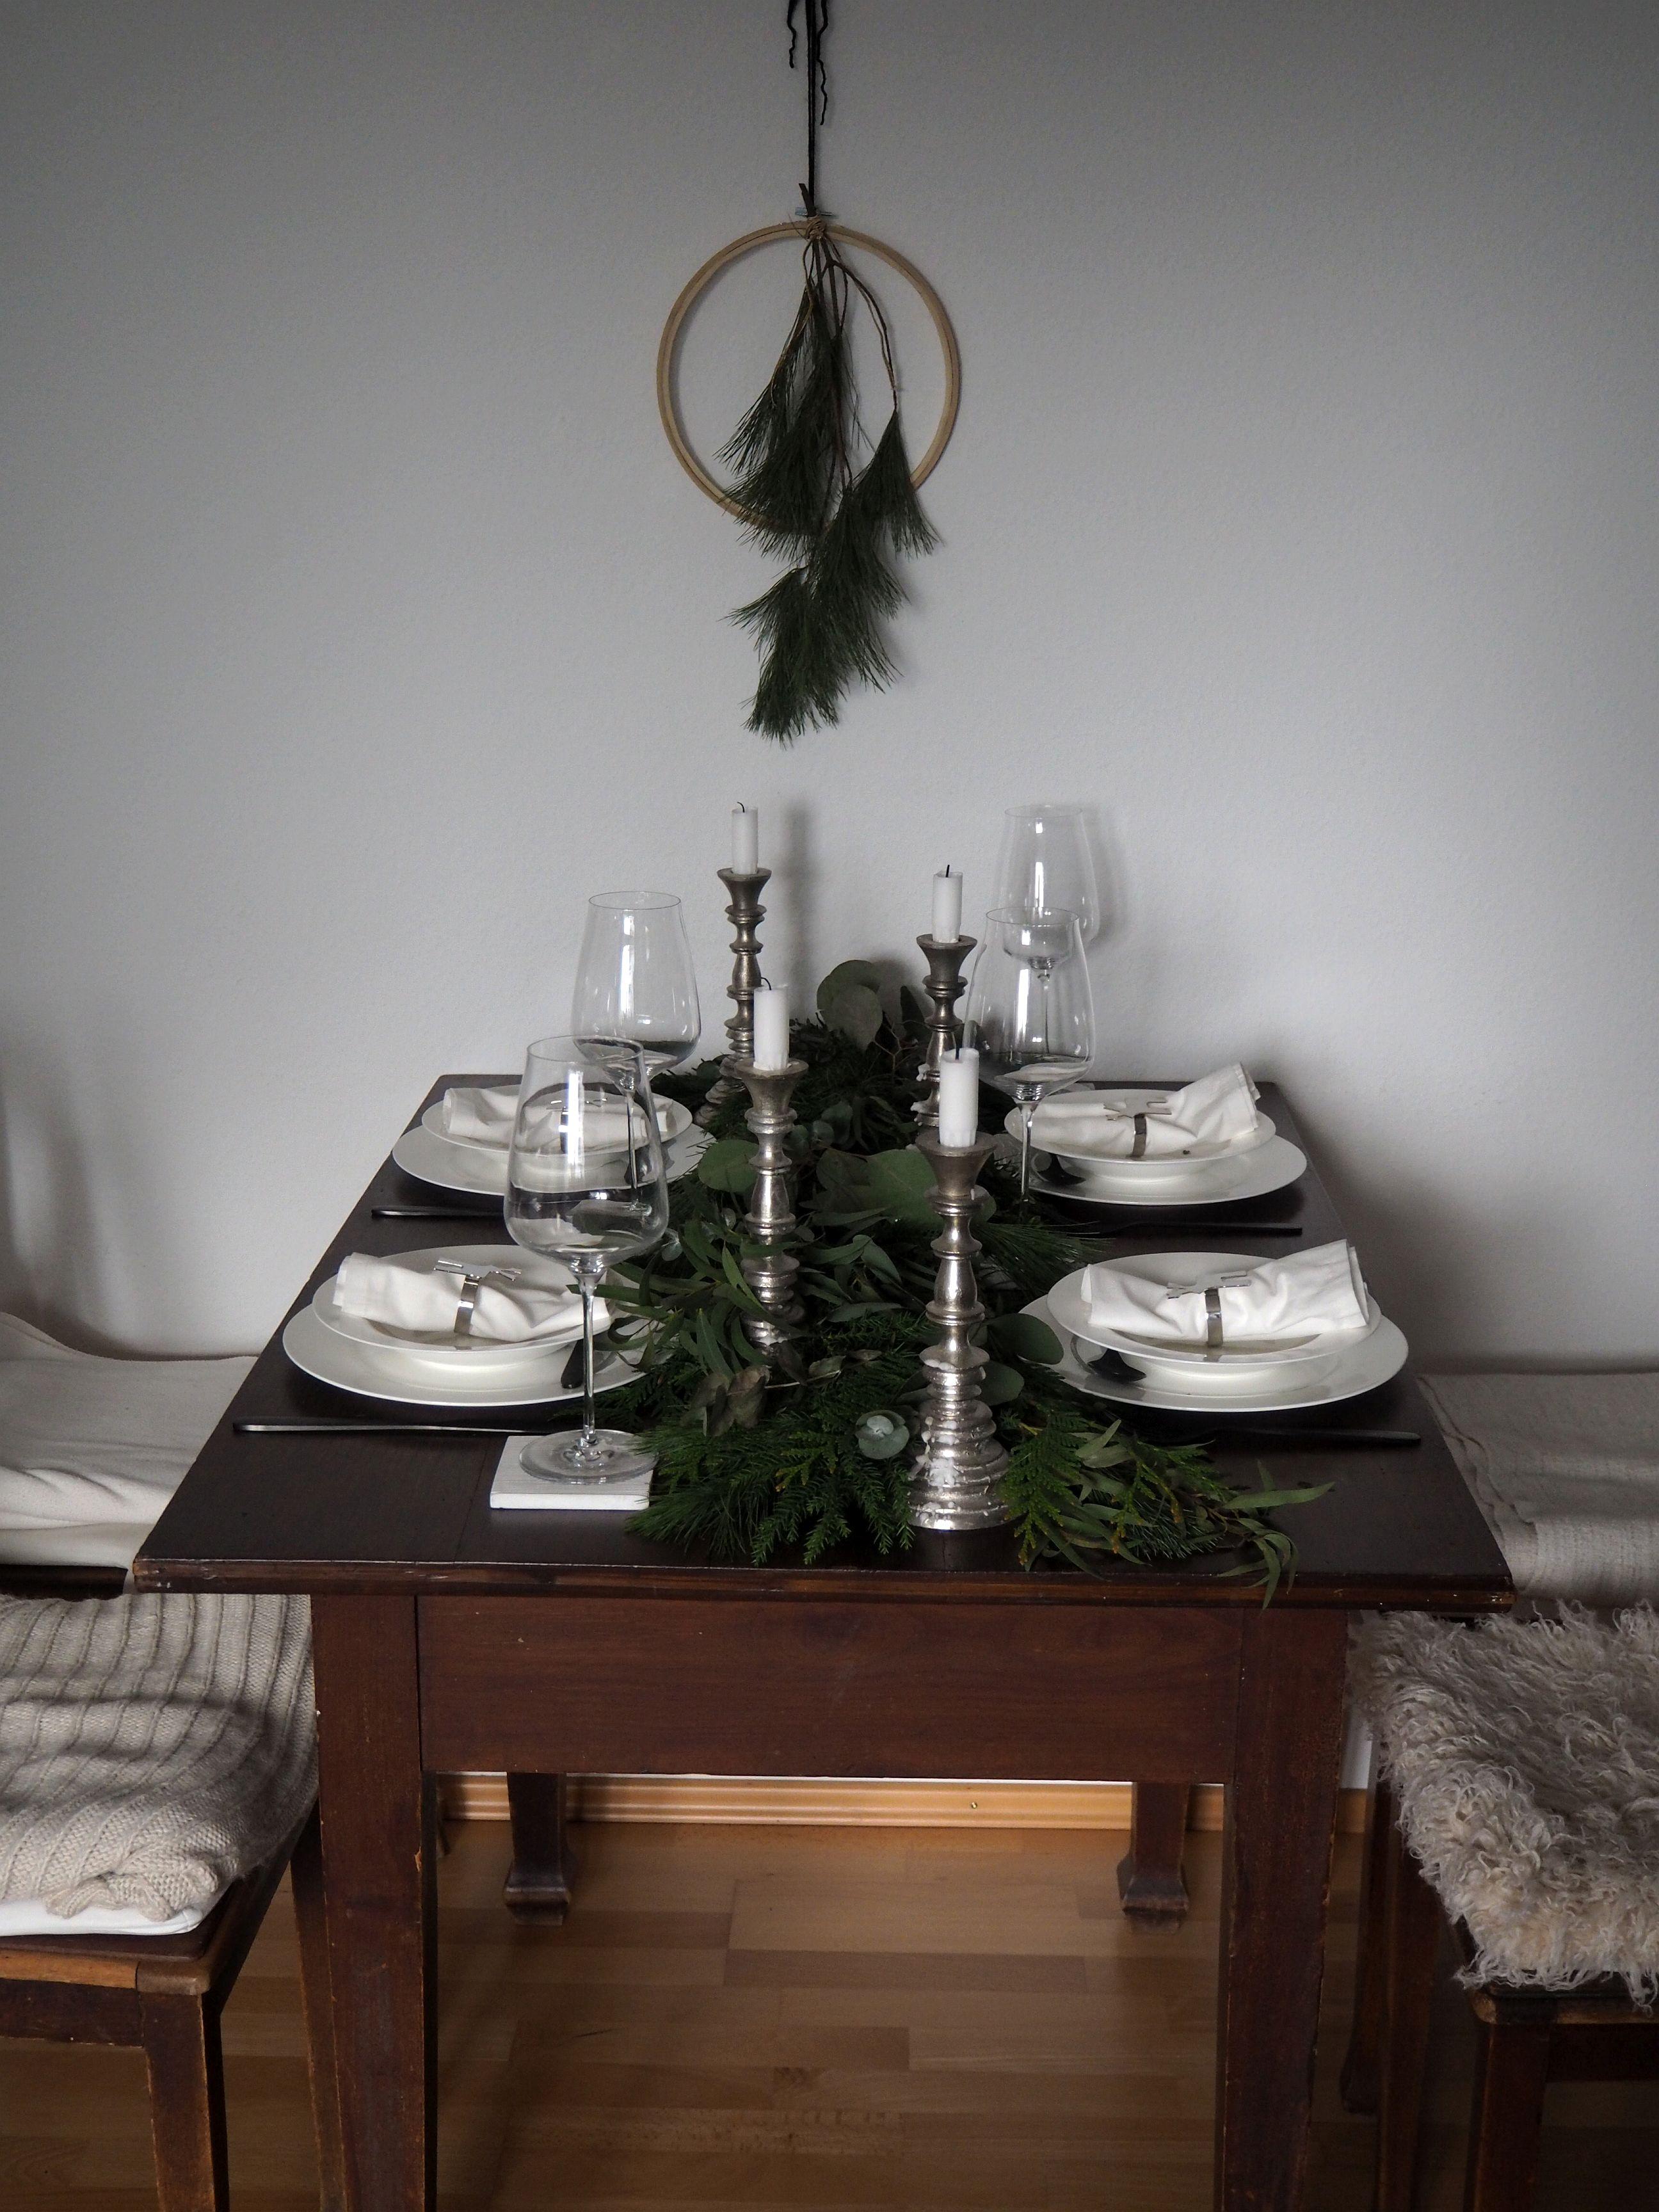 2017-12-skoen-och-kreativ-tischdeko-interior-schlichtes-skandinavisches-tablesetting-weihnachten (2)